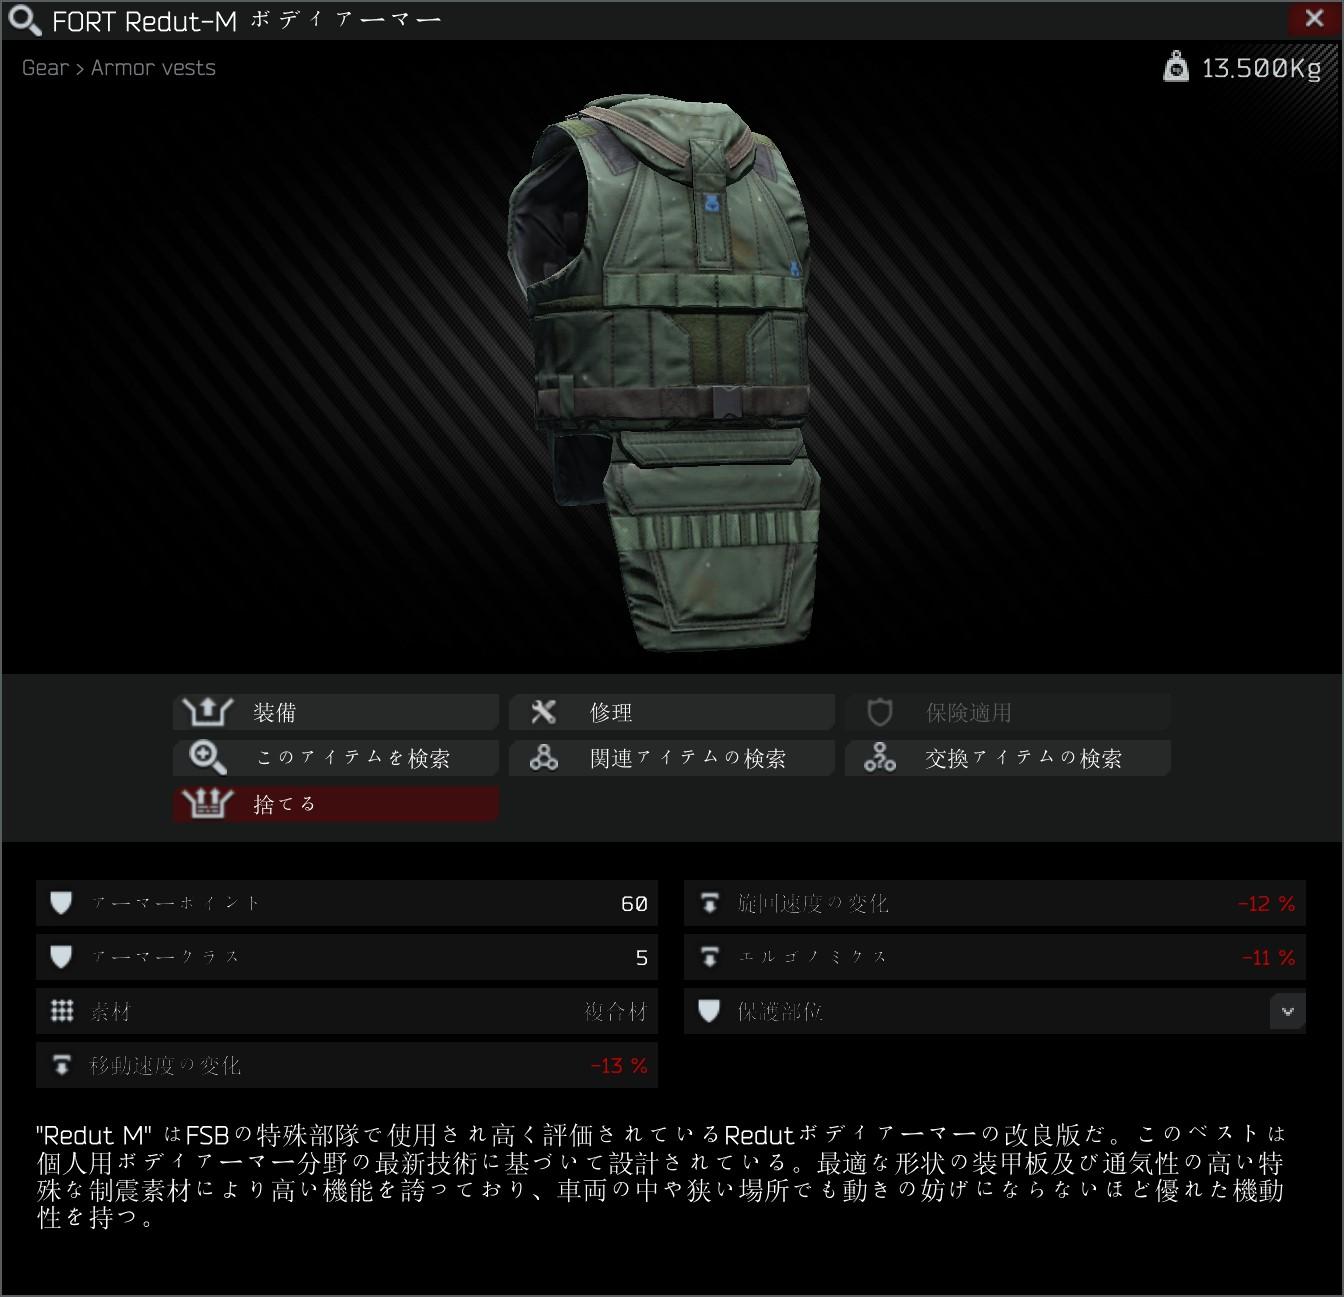 FORT Redut-M body armor.jpg